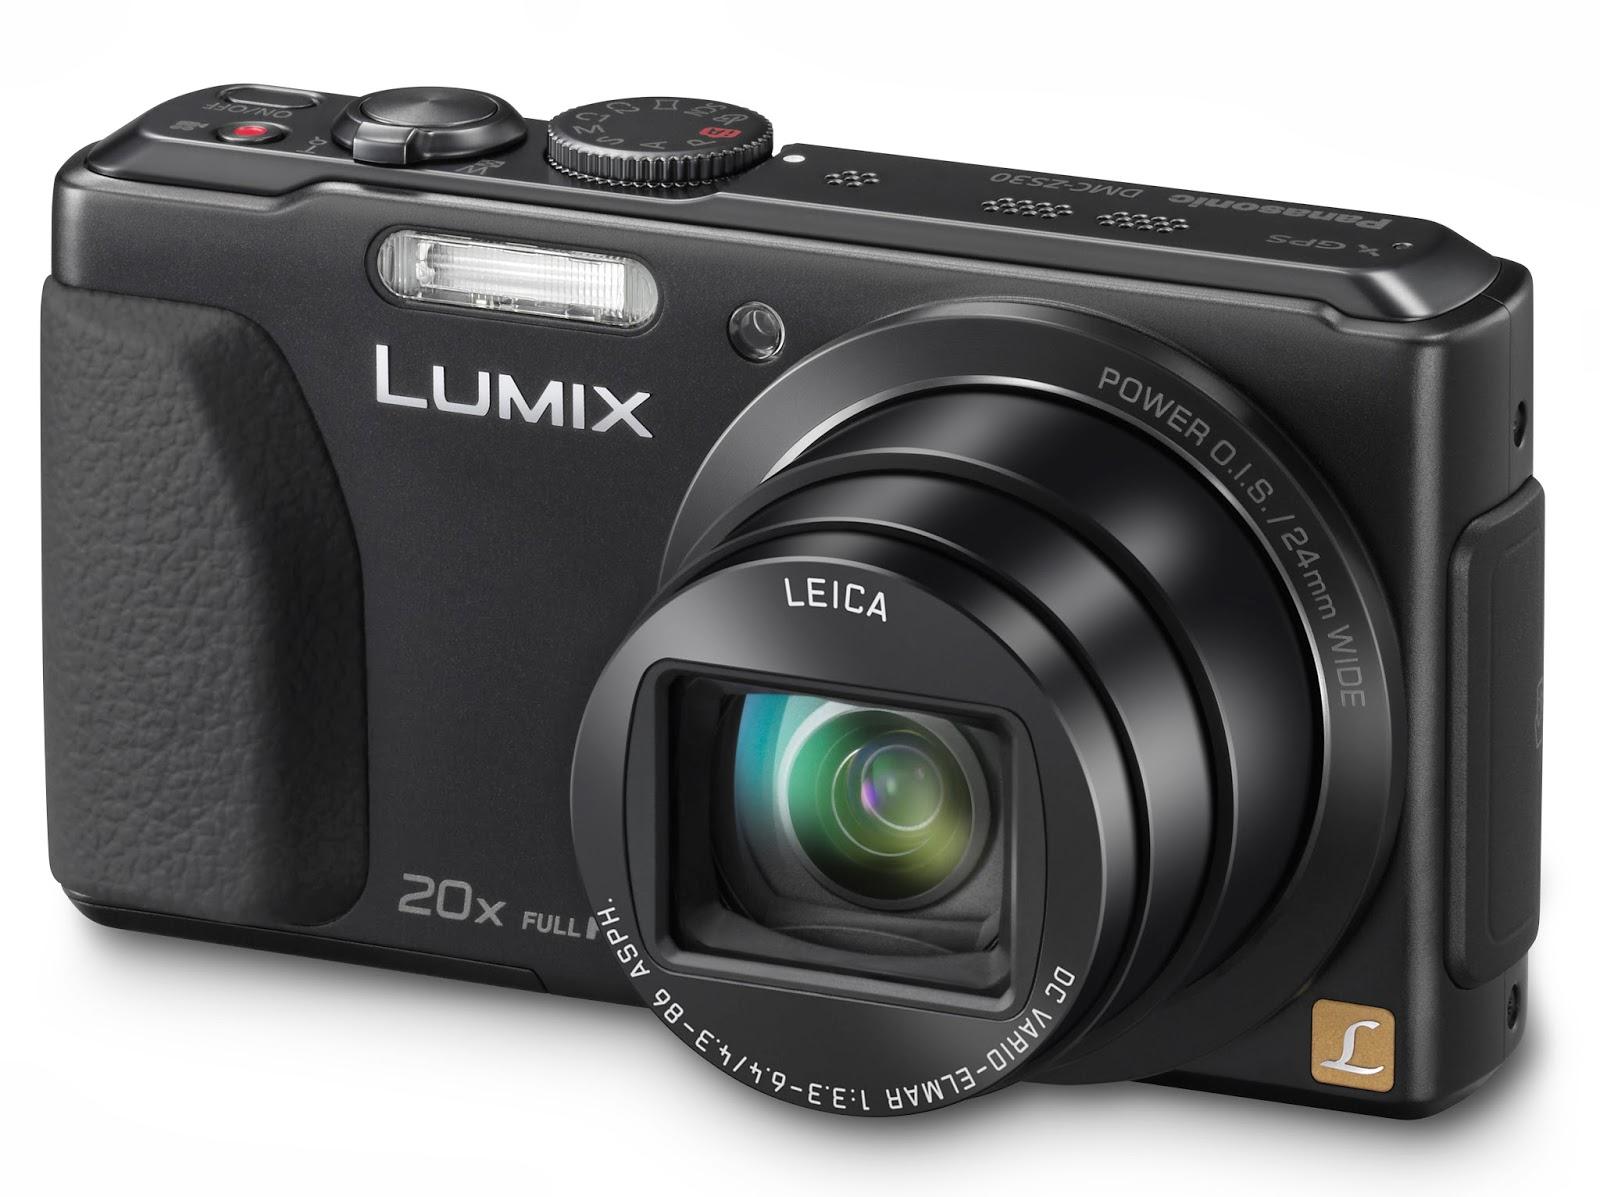 Panasonic Lumix DMC-ZS30, scene modes, Creative Control, cámara prosumer, HDR, conectividad Wi-fi, superzoom, pequeña Kamera, cámara digital, nueva cámara, GPS, cámara para las vacaciones, compact camera, new camera